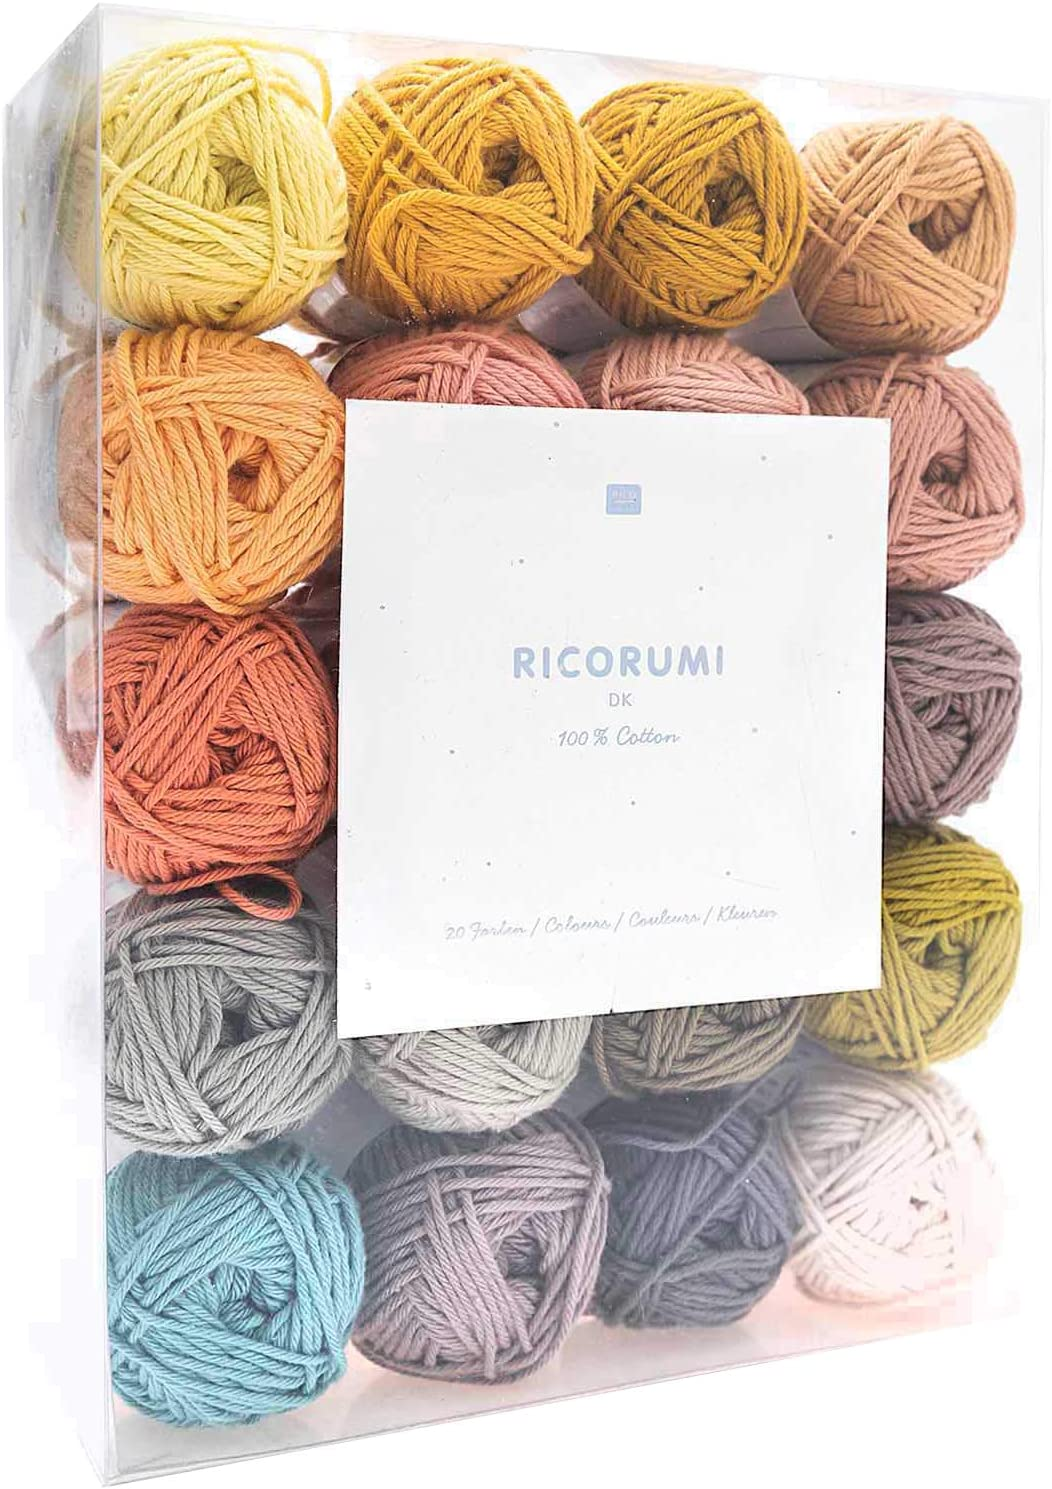 Ricorumi - Juego de Hilos de algodón (25 g), 20 Colores: Amazon.es ...